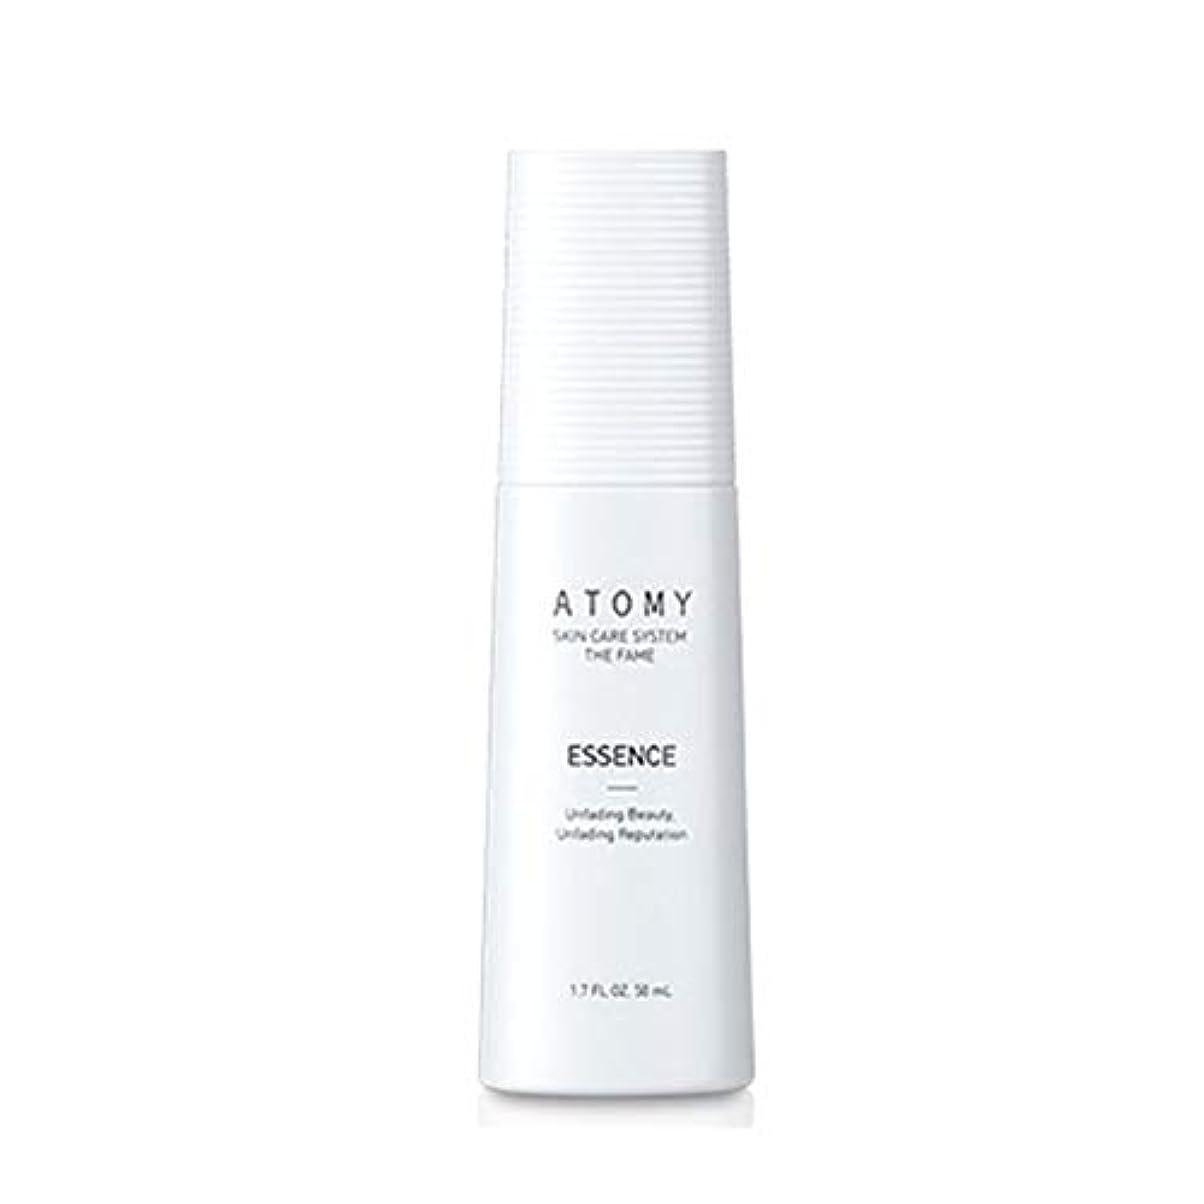 ベンチャーヒューム浸すアトミザ?フェームエッセンス50ml韓国コスメ、Atomy The Fame Essence 50ml Korean Cosmetics [並行輸入品]